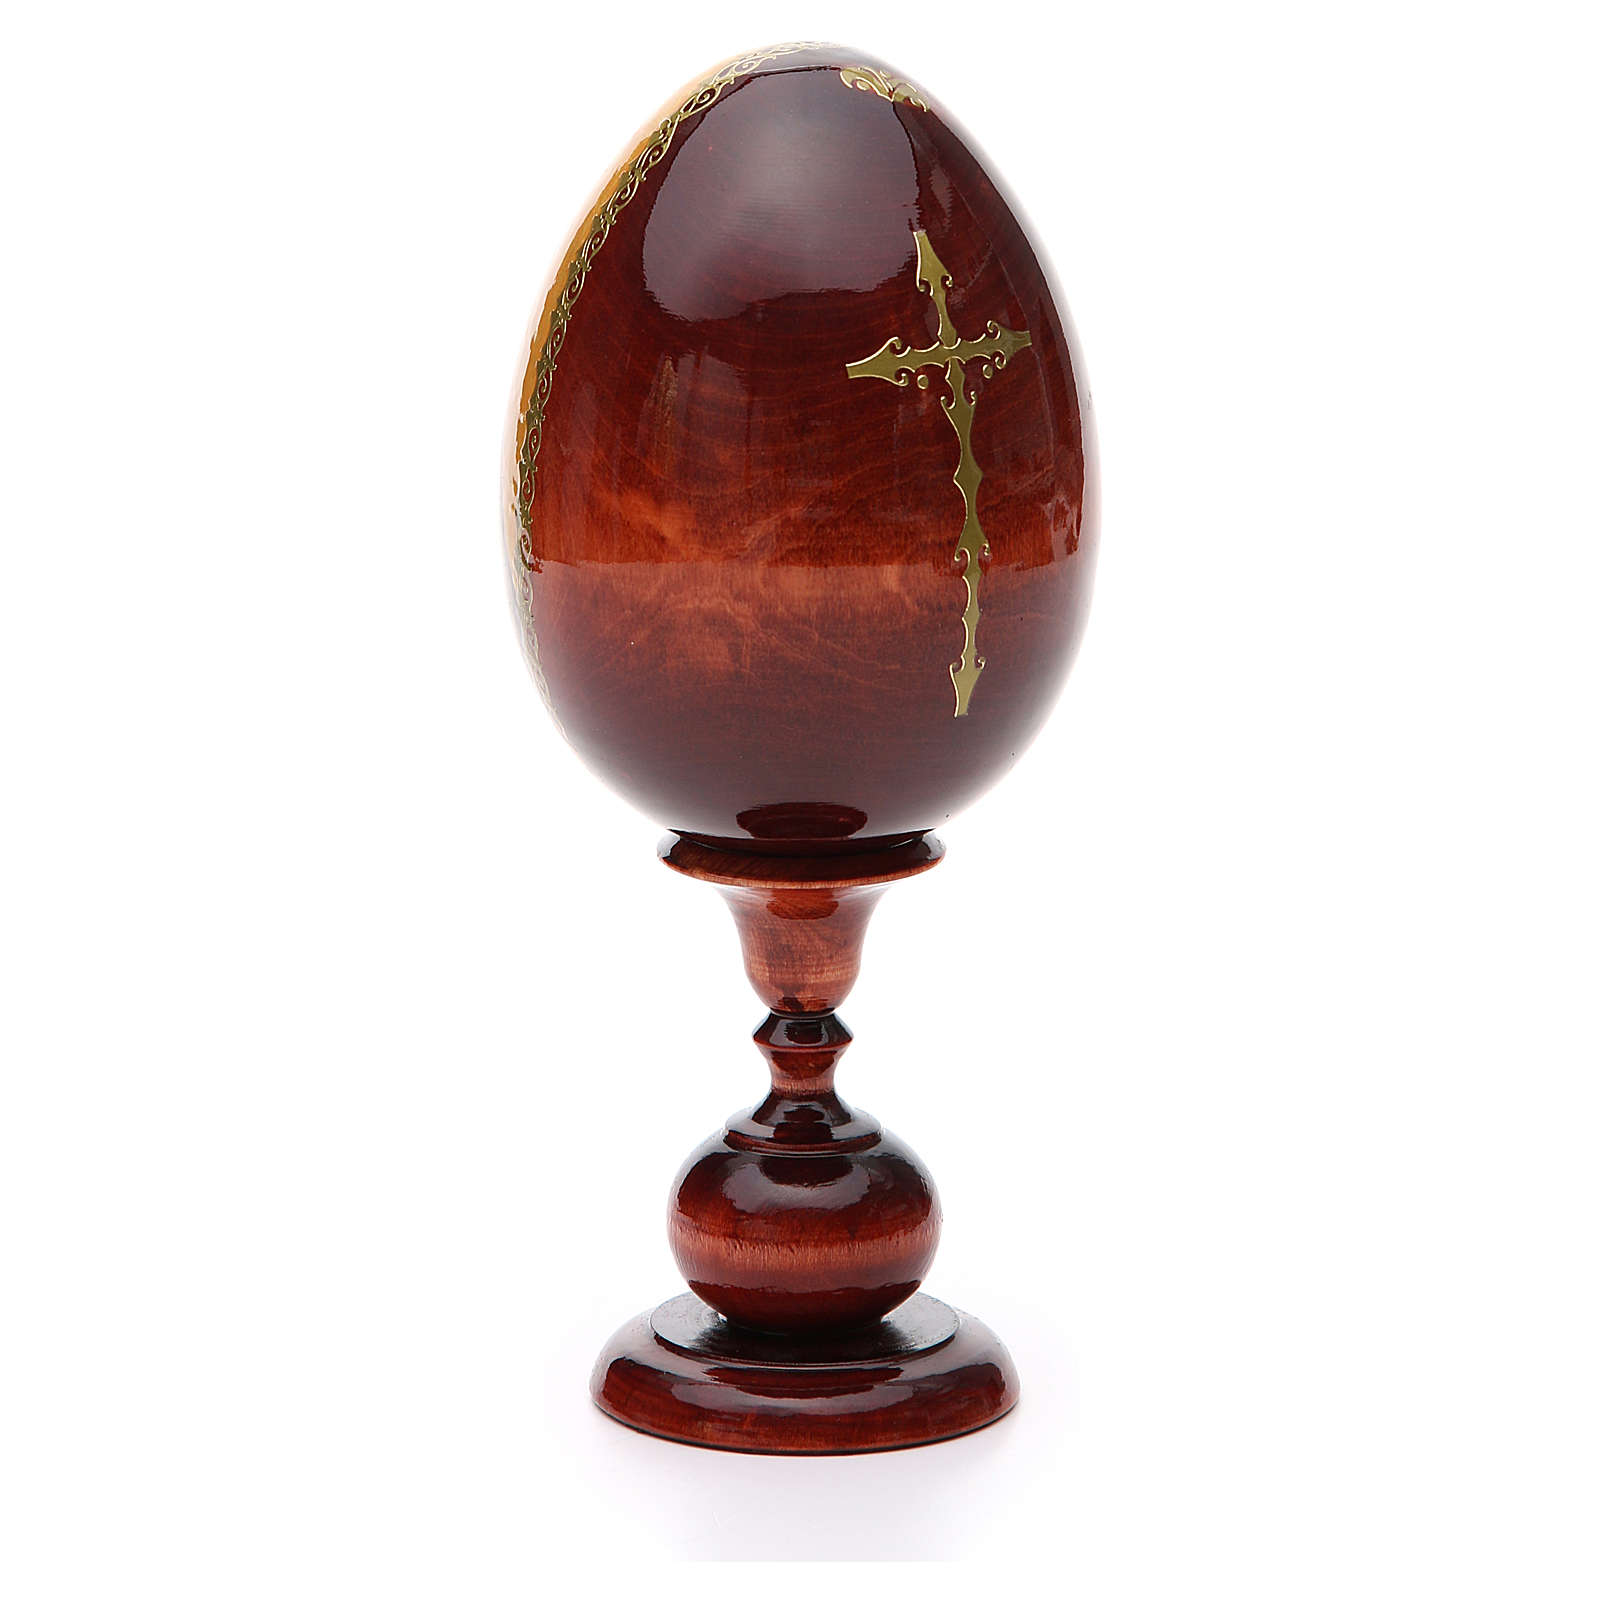 Jajko ikona rosyjska RĘCZNIE MALOWANA Święta Rodzina wys. całk. 20 cm 4